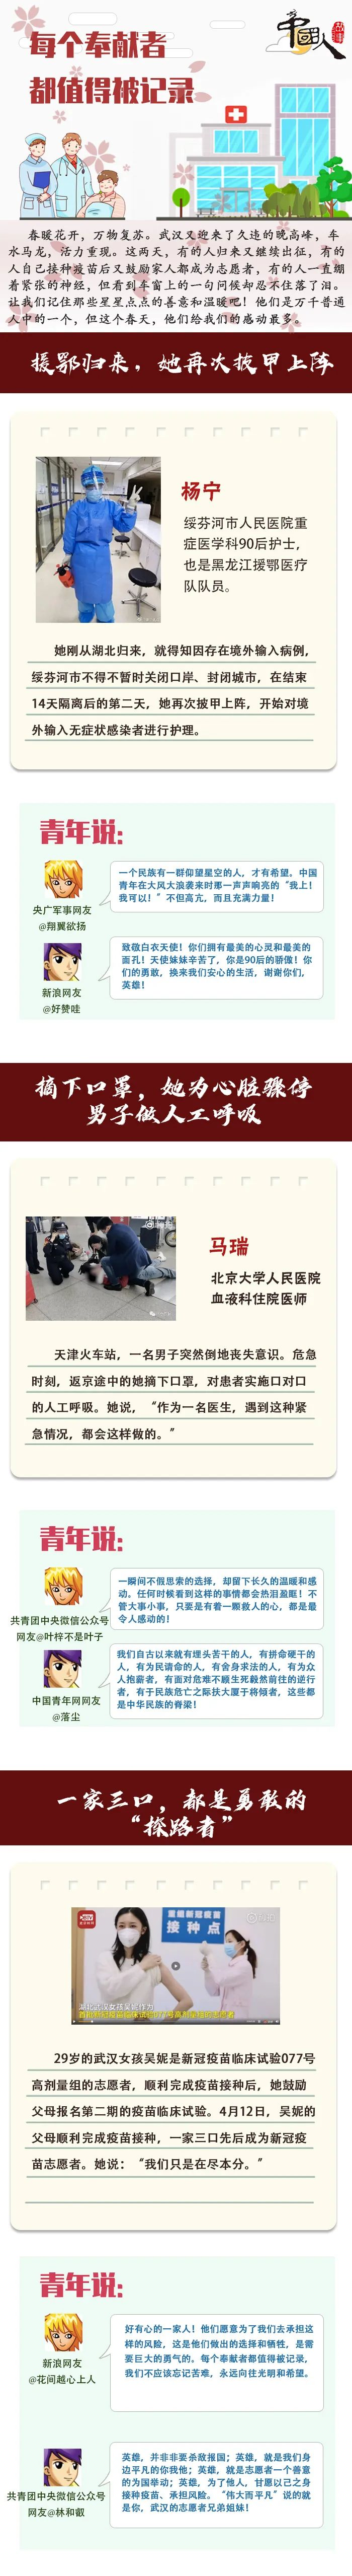 中国人的故事 | 每个奉献者都值得被记录图片